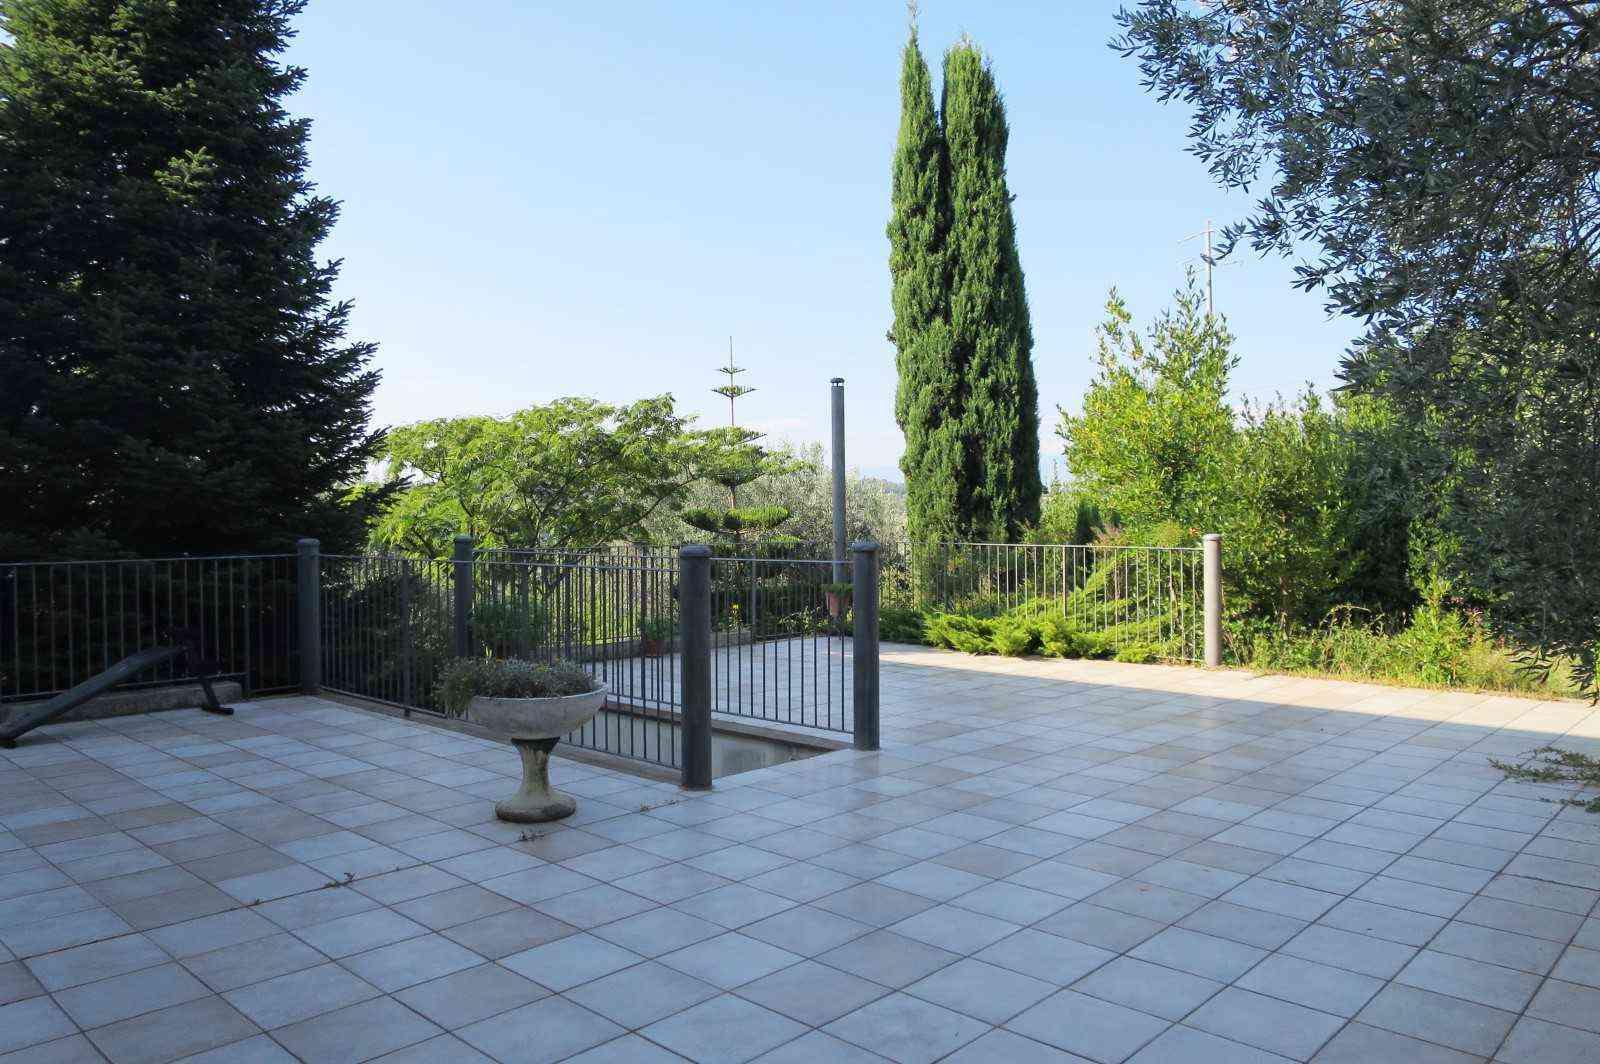 Villa Villa for sale Atri (TE), Villa Paola - Atri - EUR 473.281 230